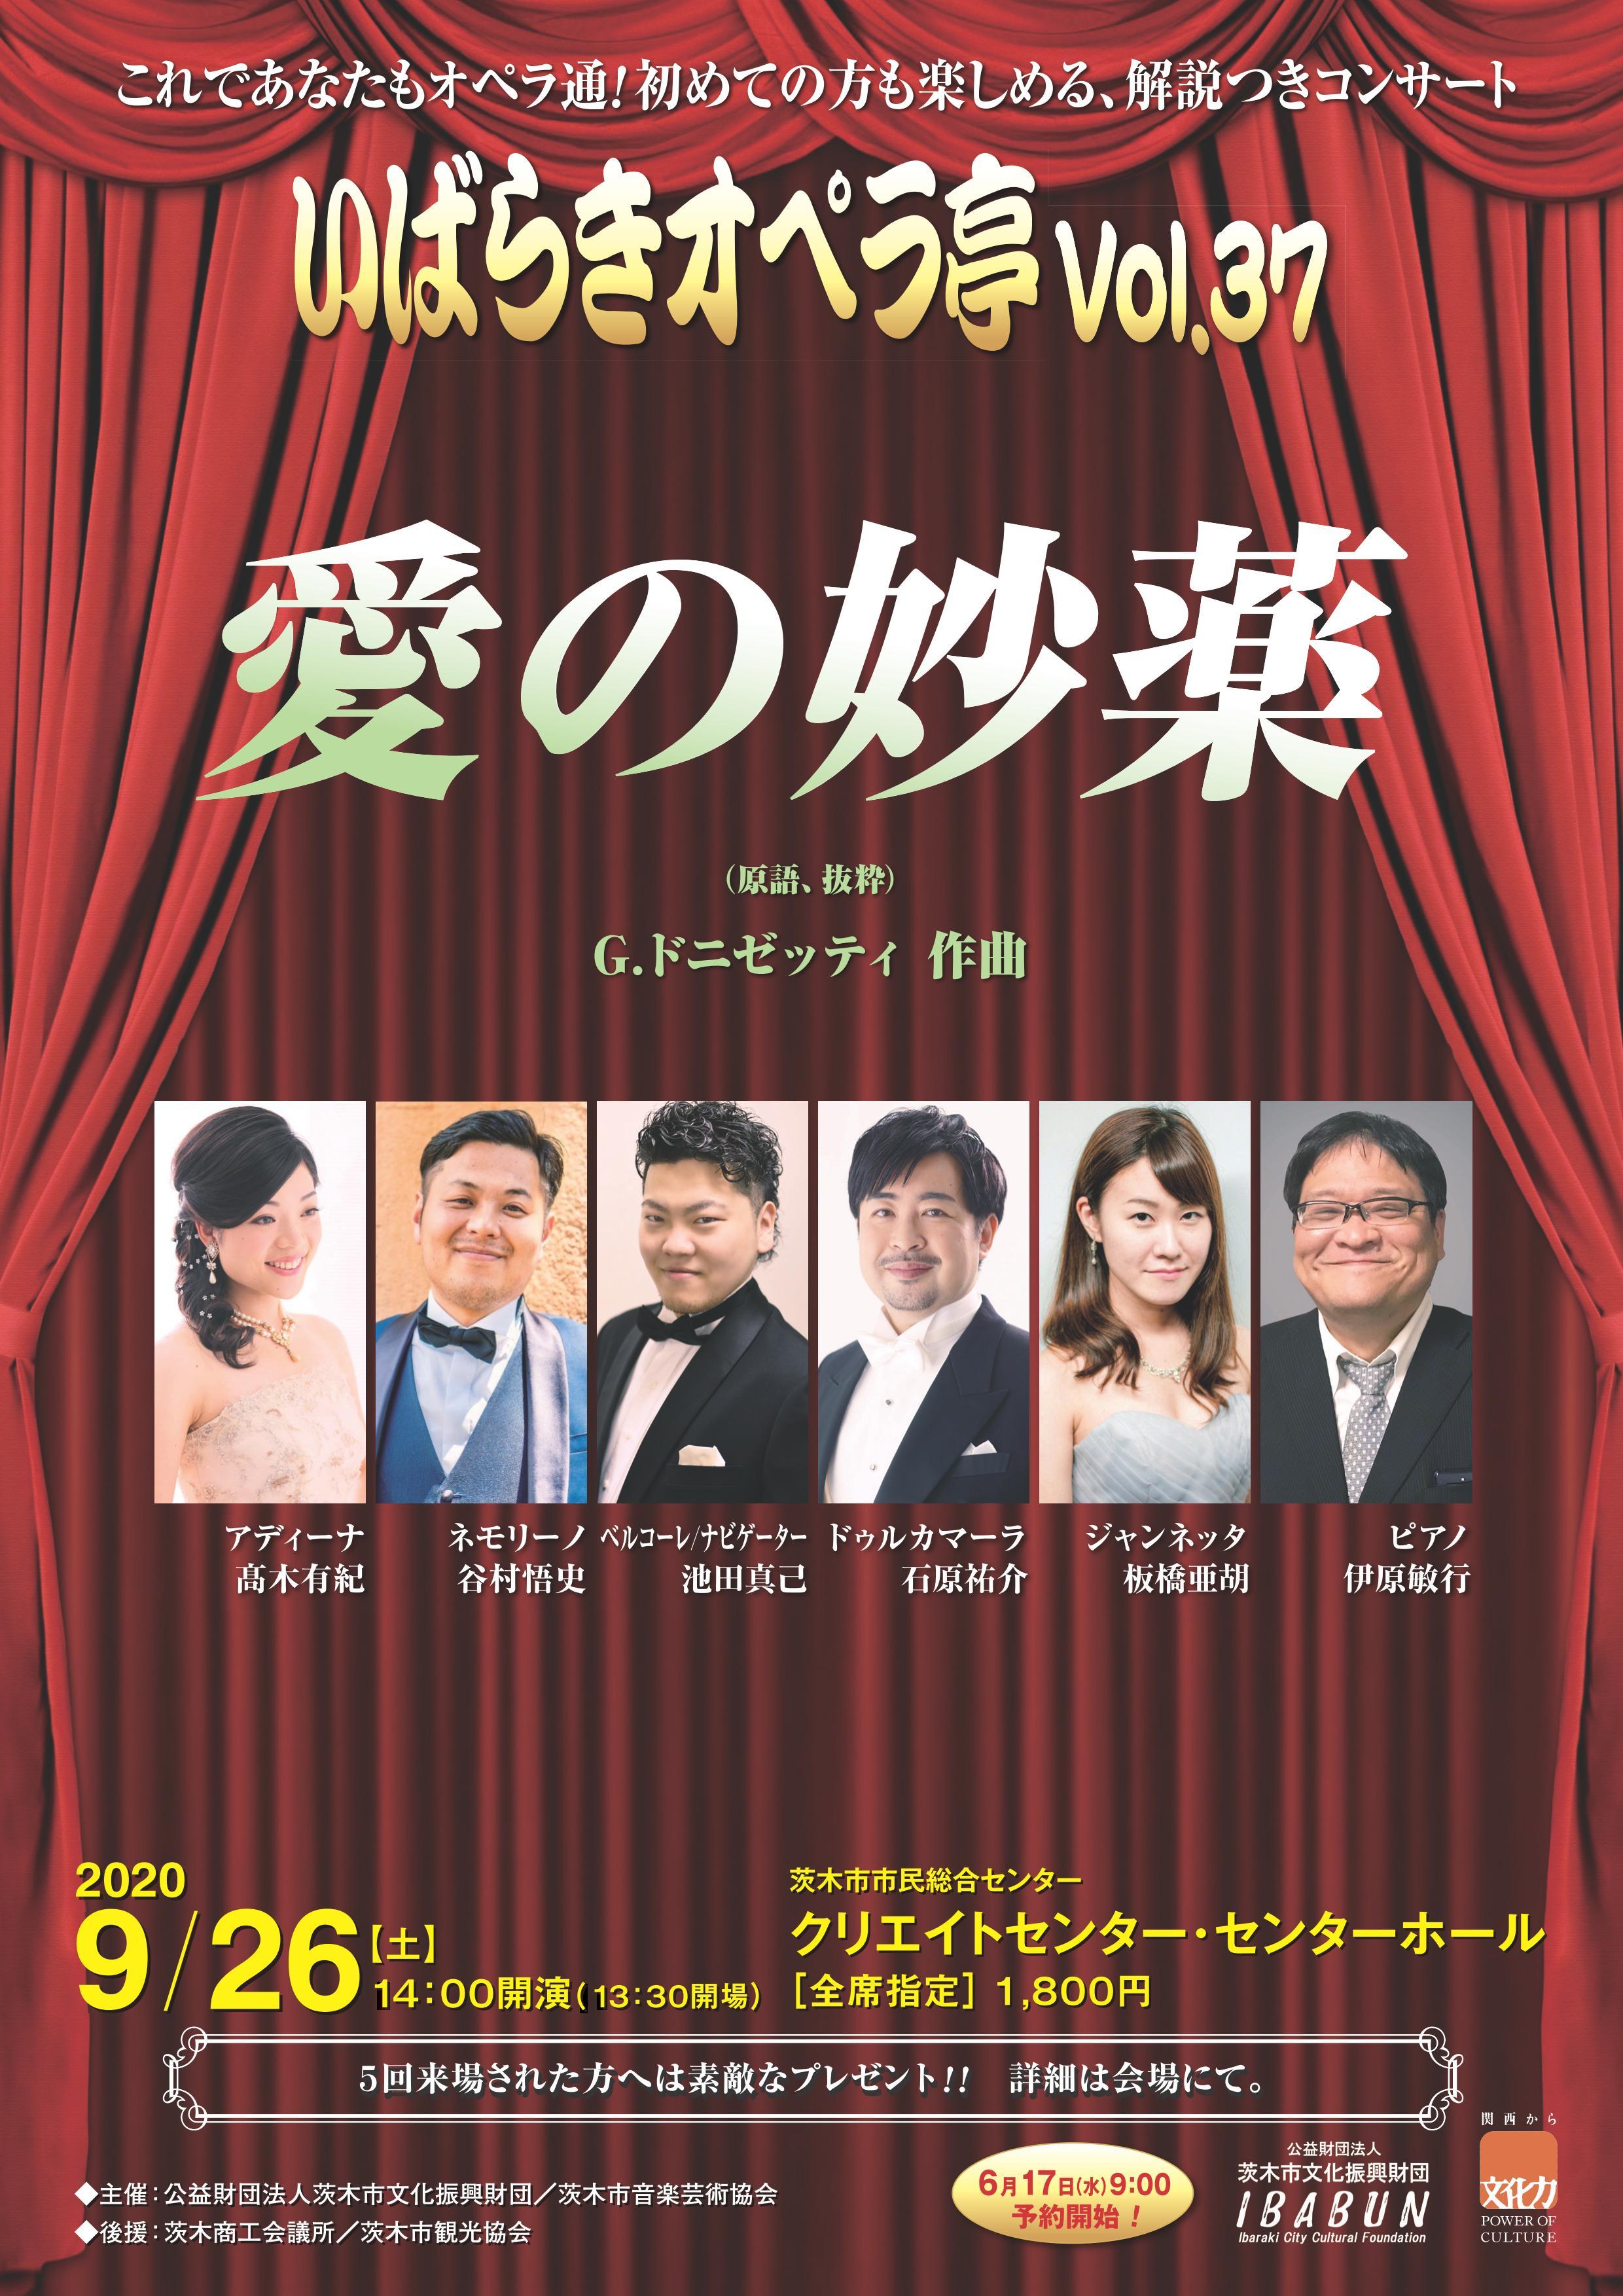 いばらきオペラ亭Vol.37愛の妙薬